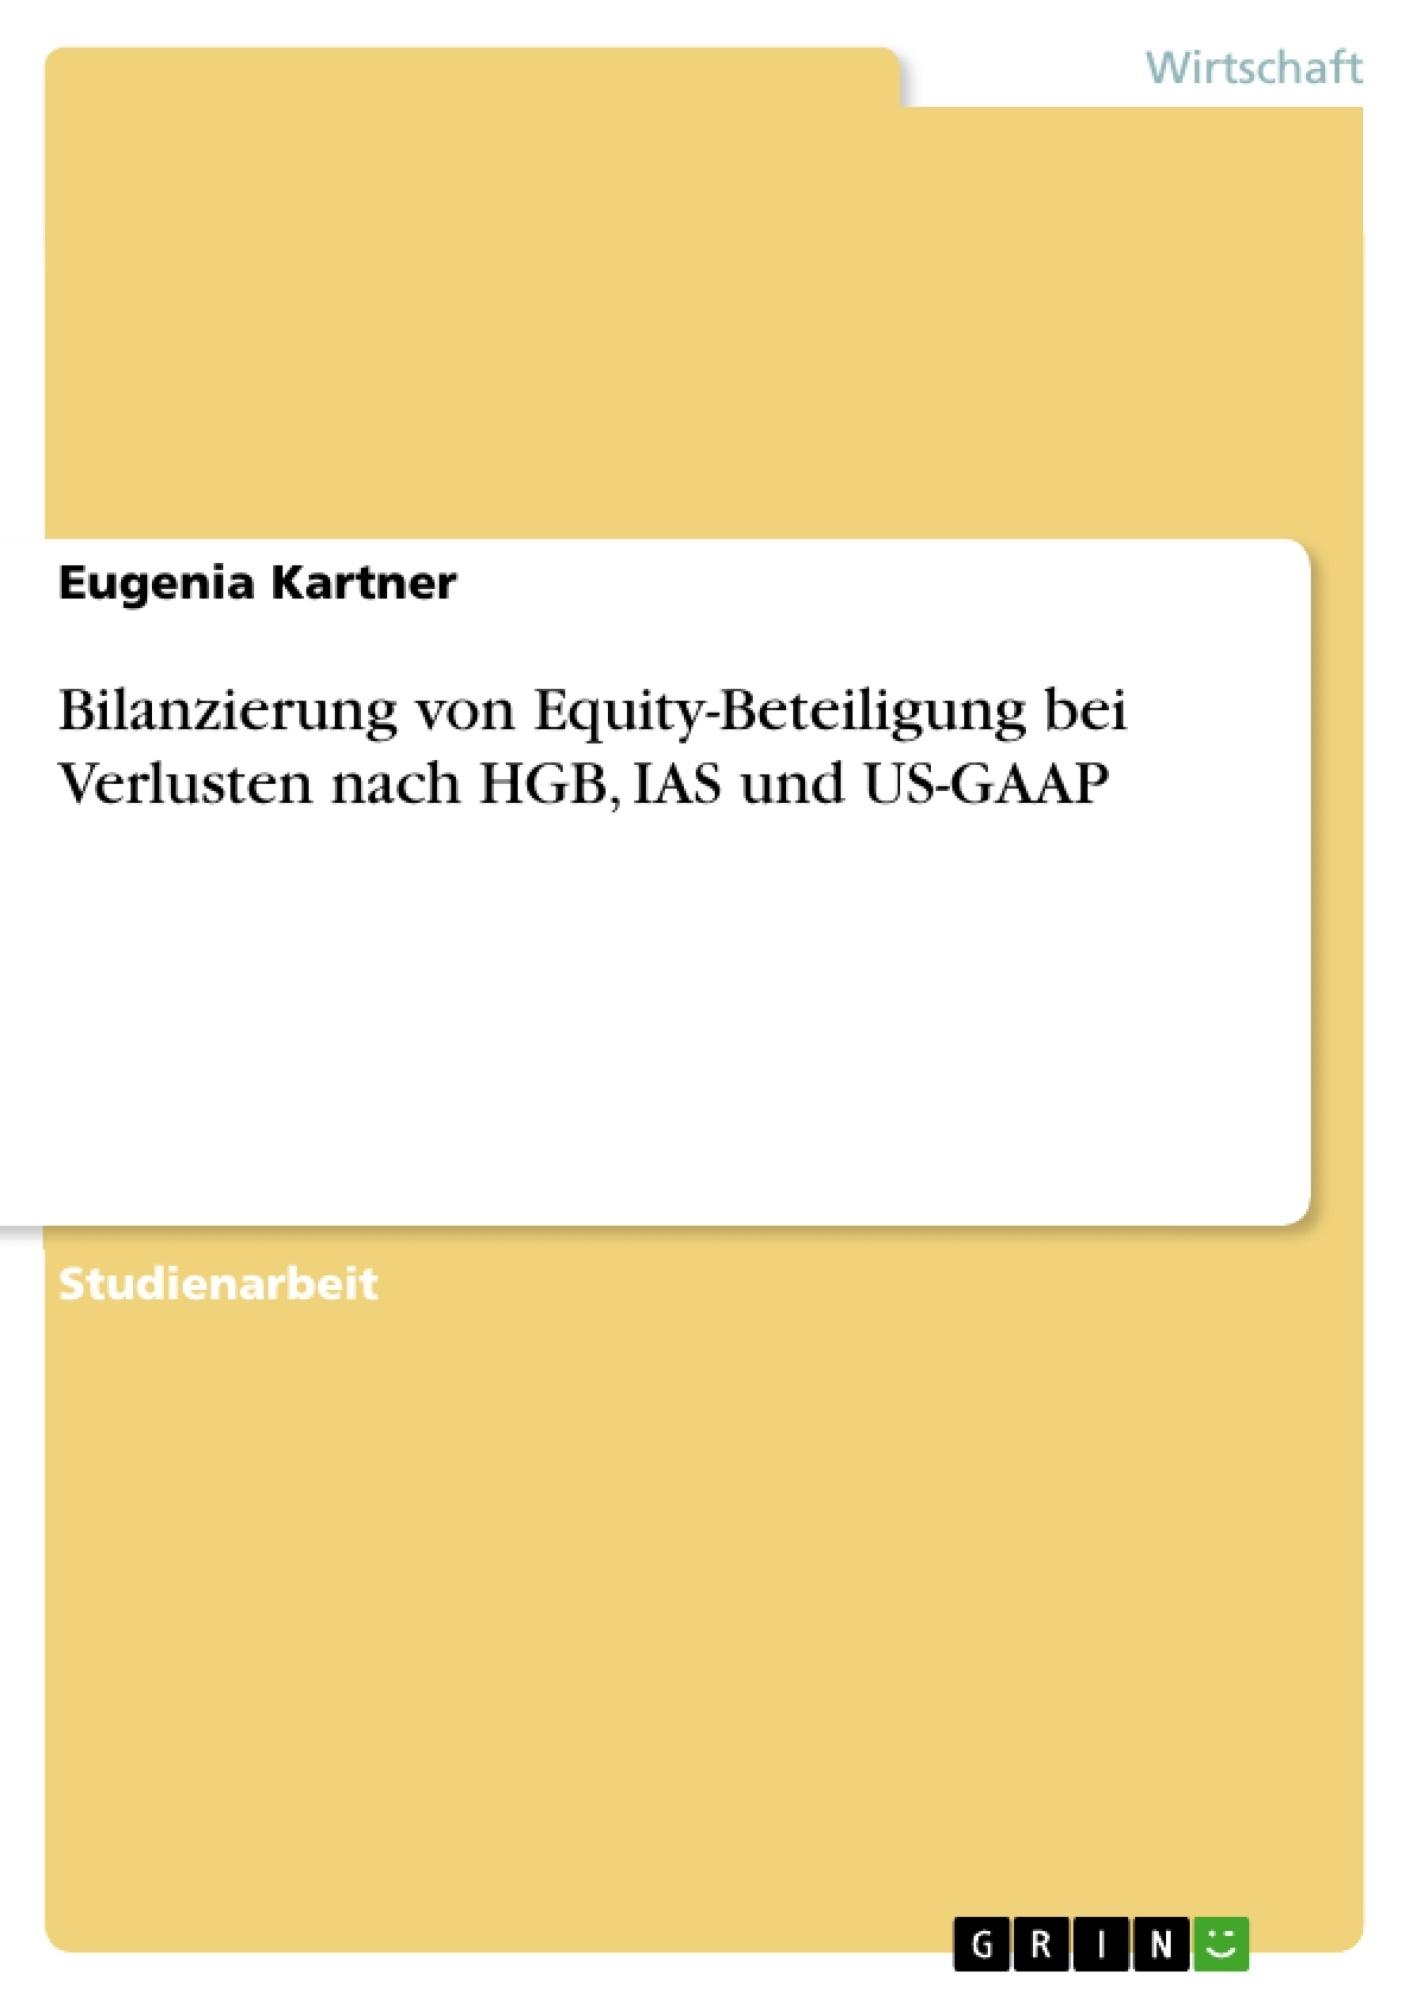 Titel: Bilanzierung von Equity-Beteiligung bei Verlusten nach HGB, IAS und US-GAAP